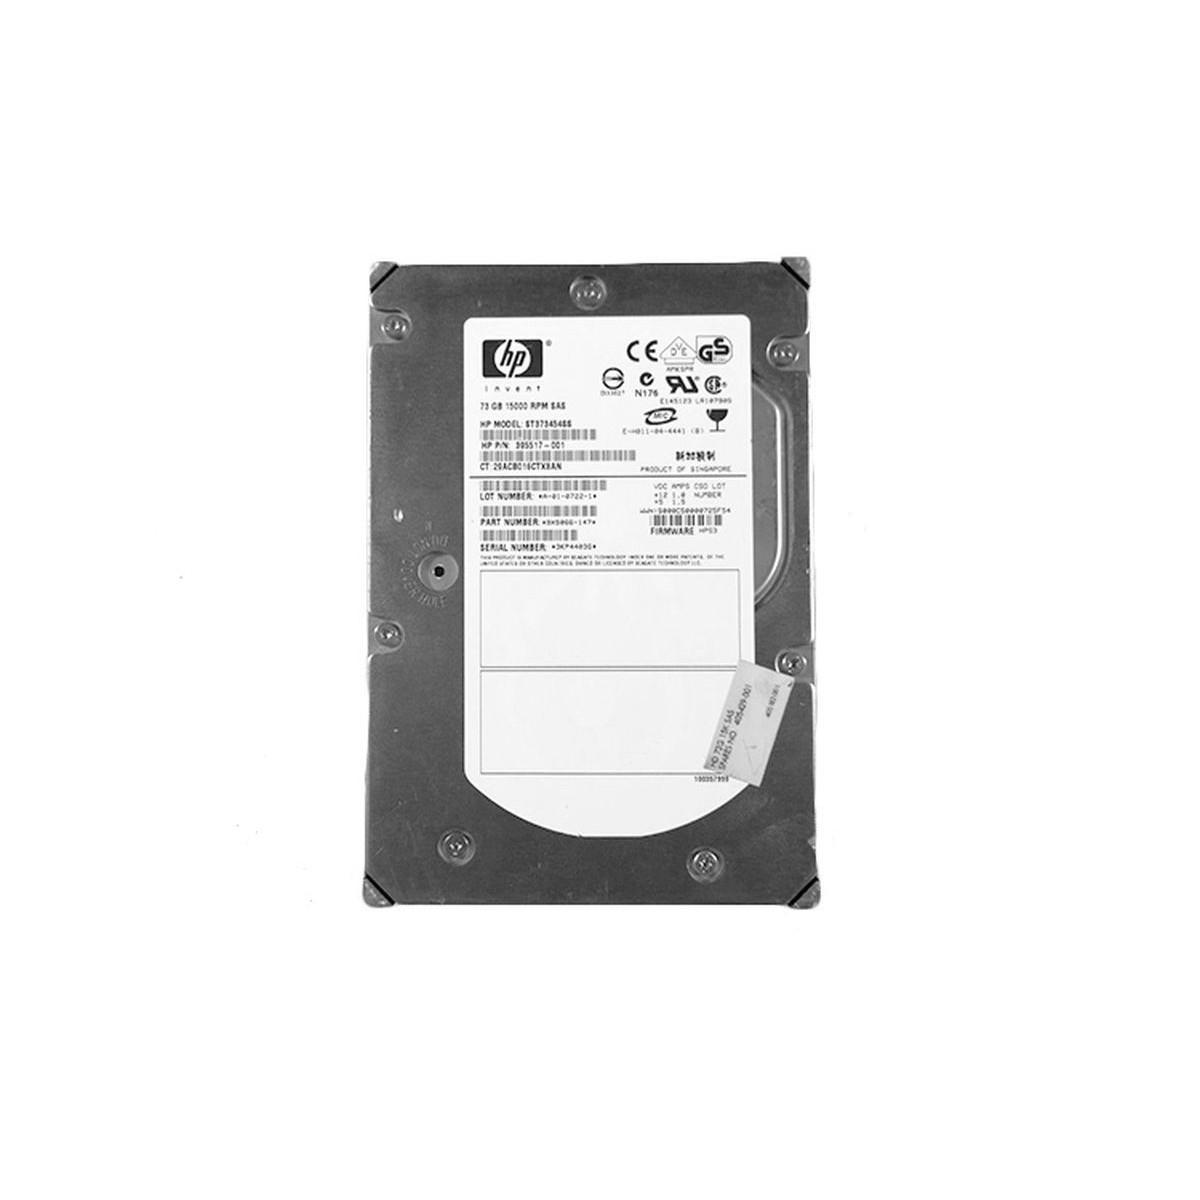 Szyny rack HP DL380 G2/G3 301041-001 BEZ PROWADNIC